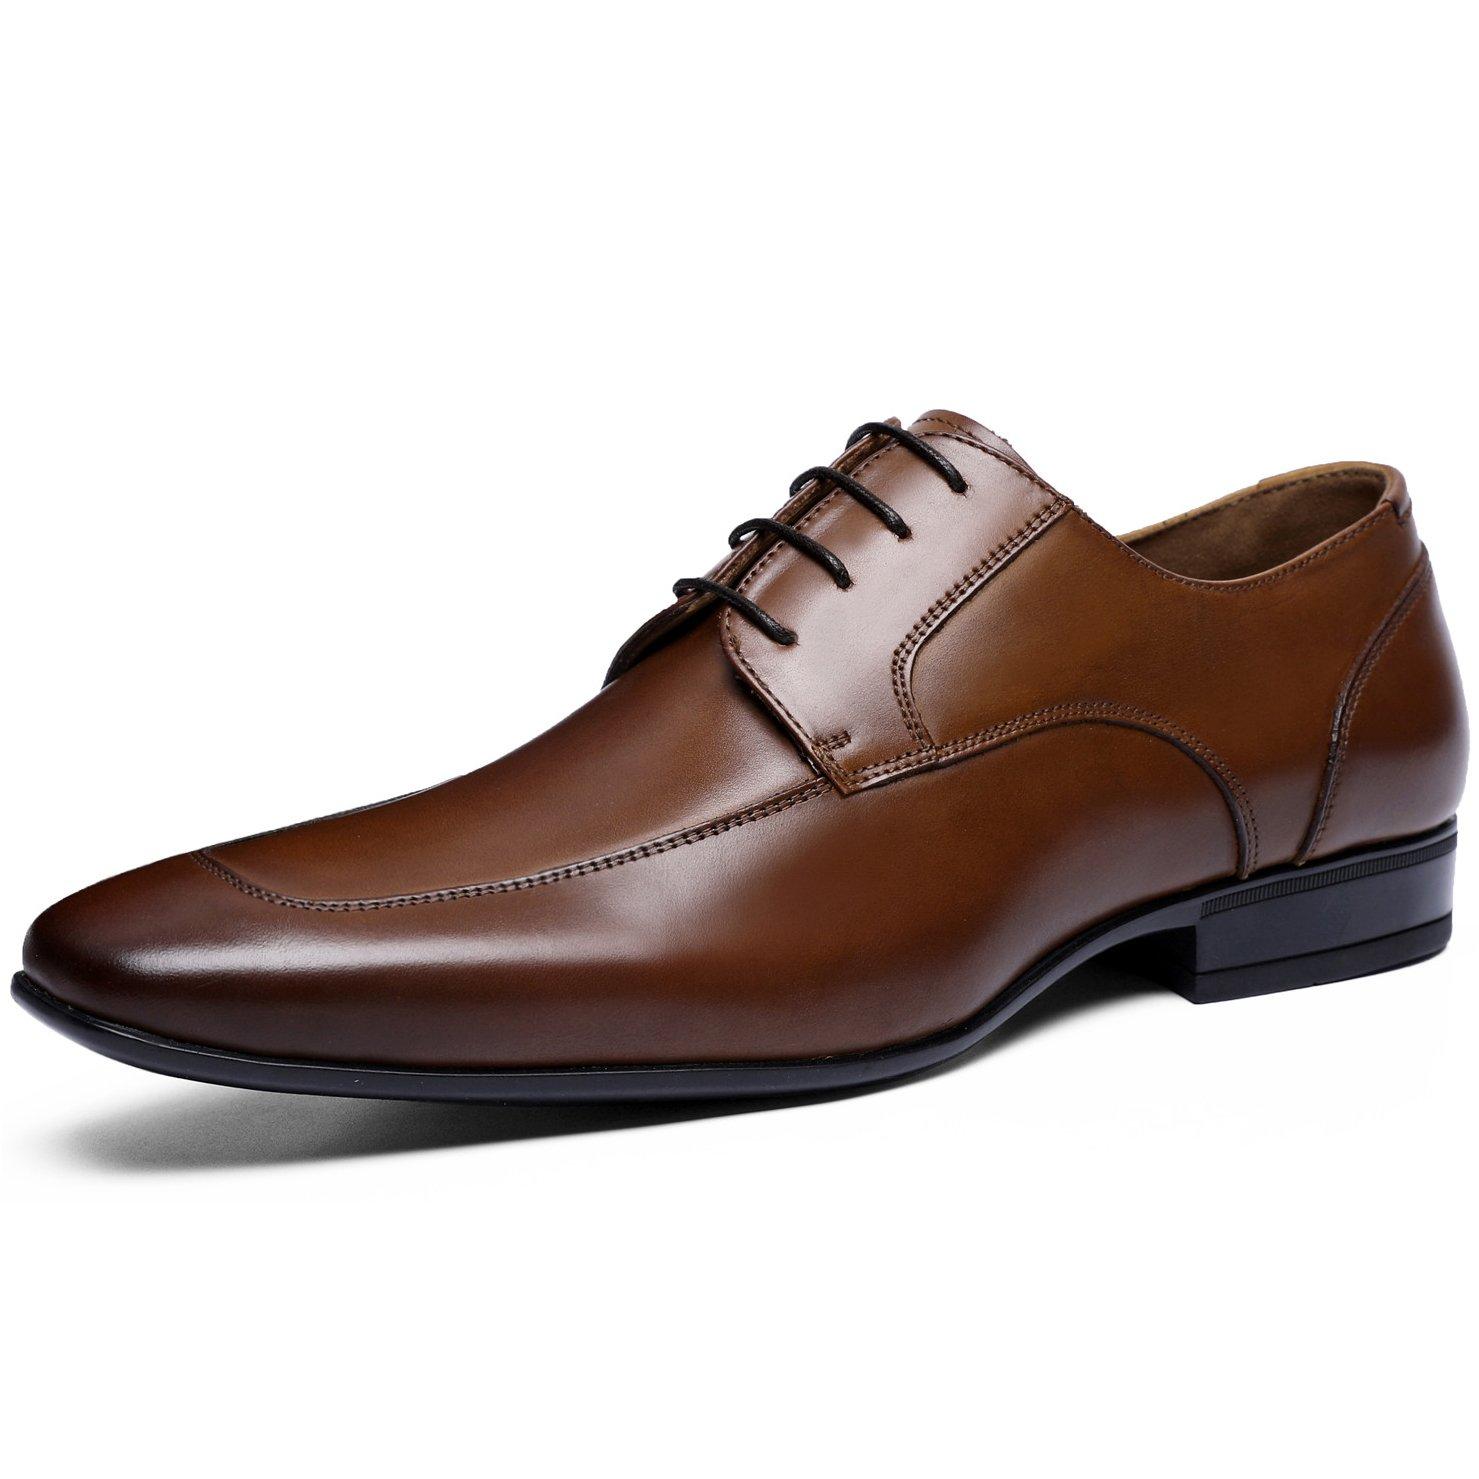 Desai Hommes Chaussures de ville Derby Quatre Saisons Chaussures